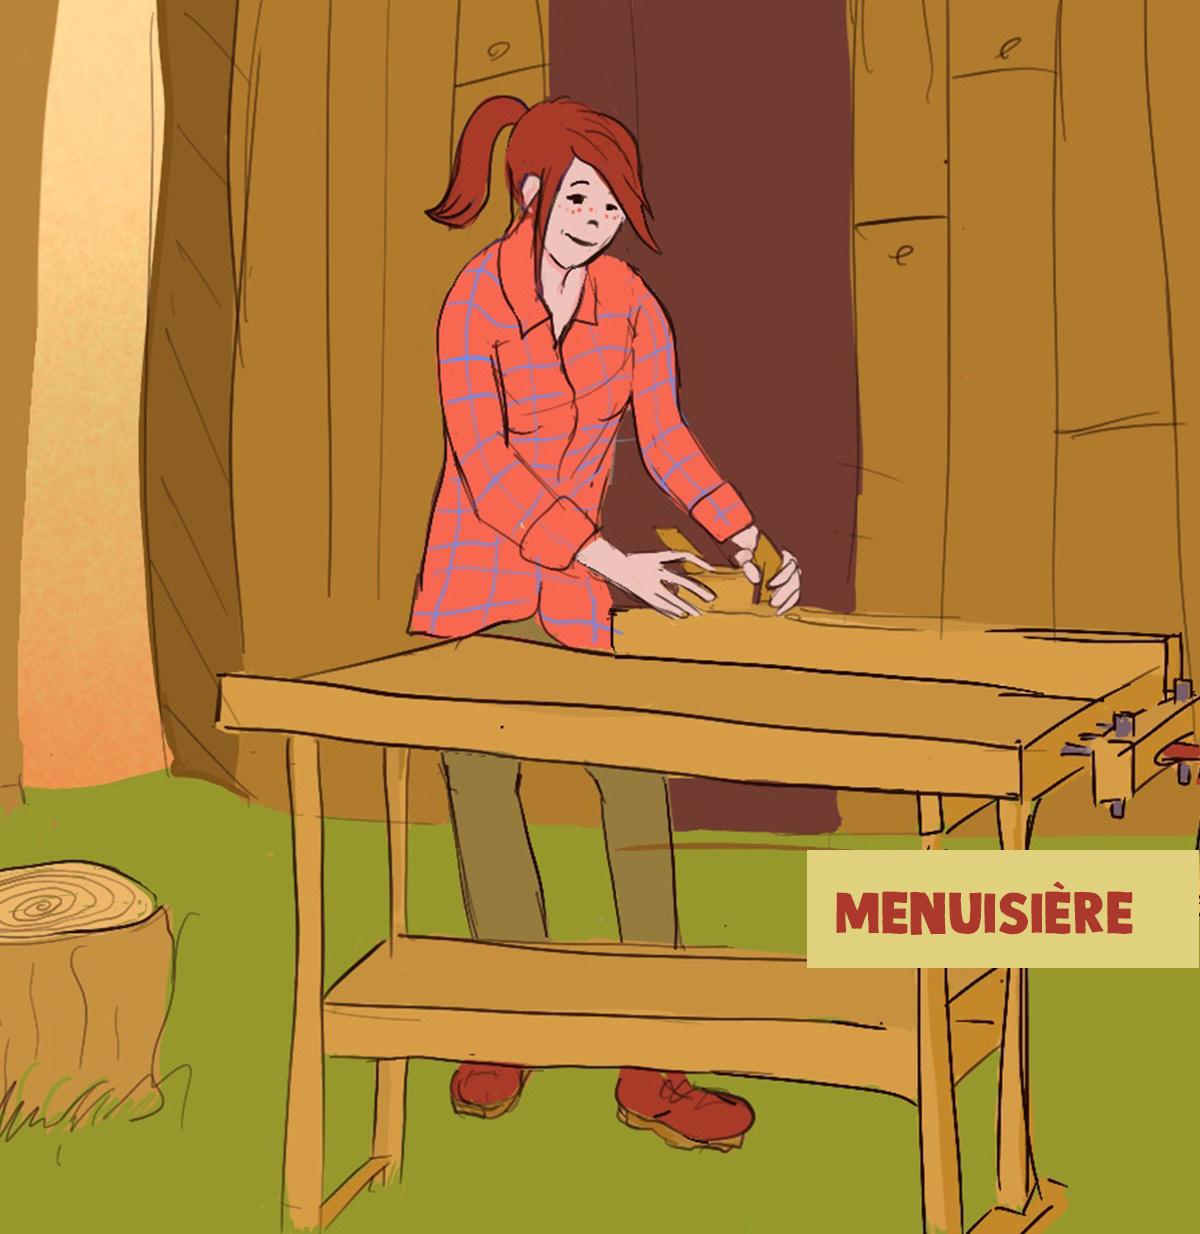 menuisière